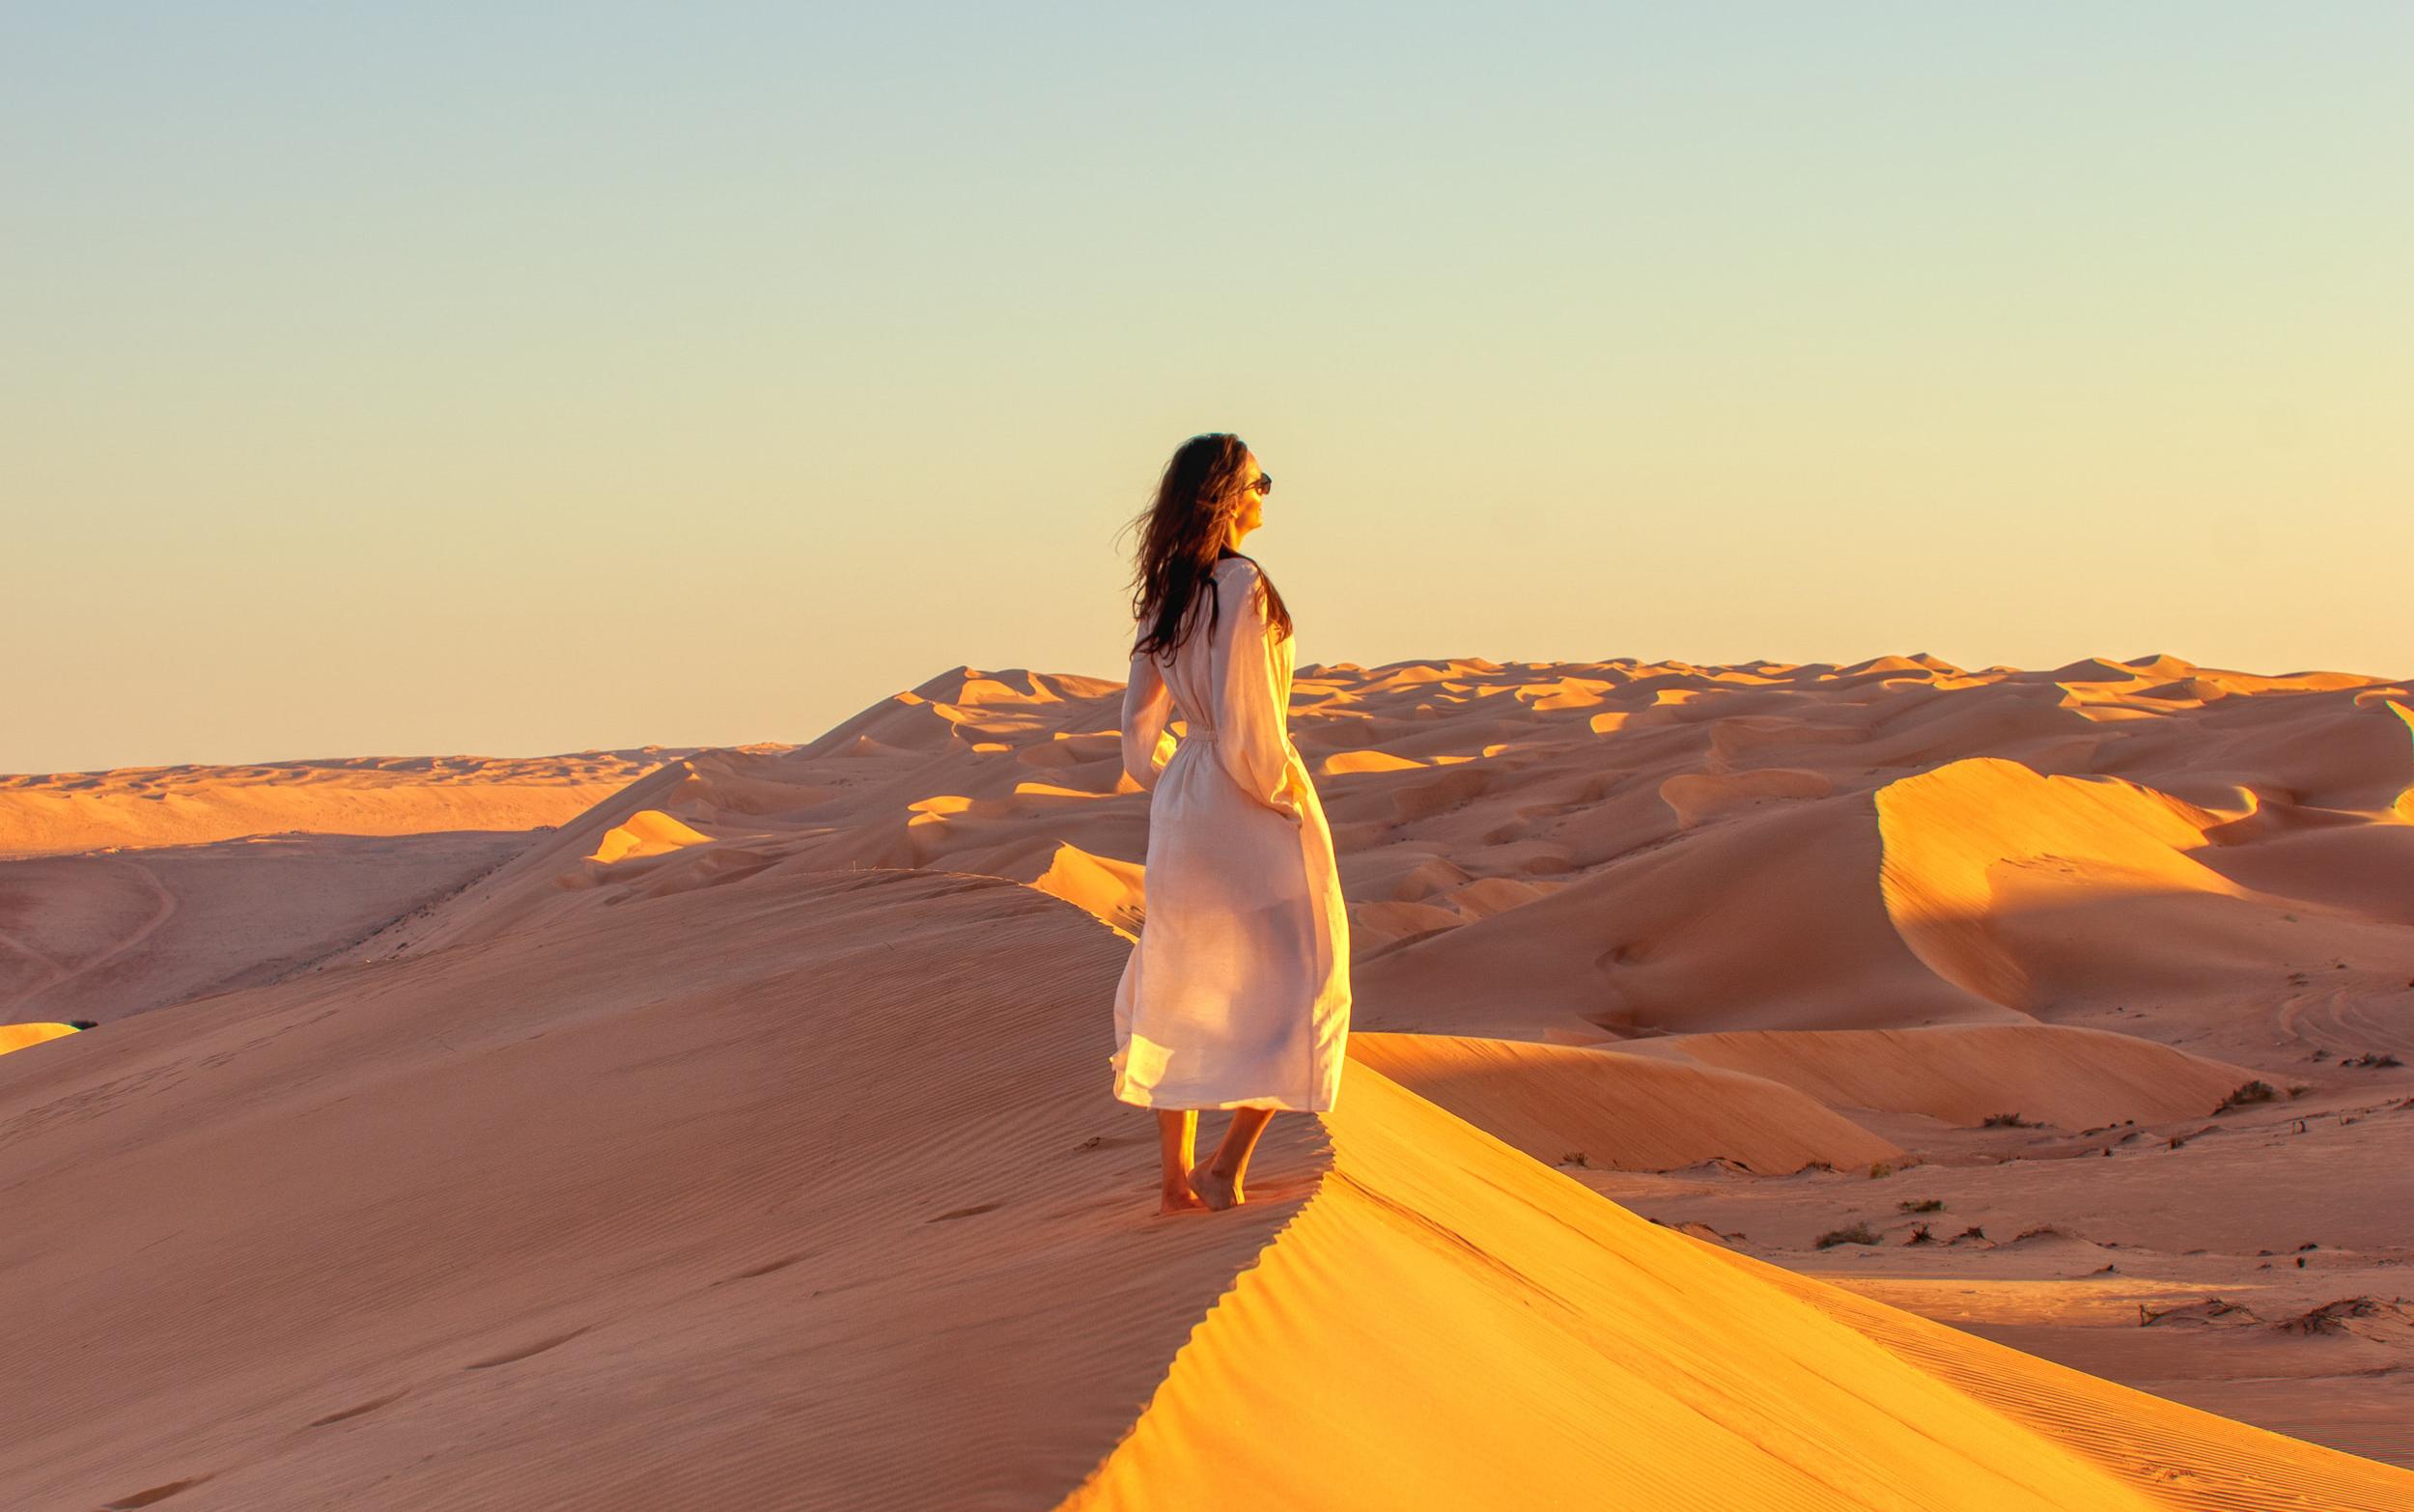 Viaggiare da soli è un modo per conoscersi e per trovare ispirazione.